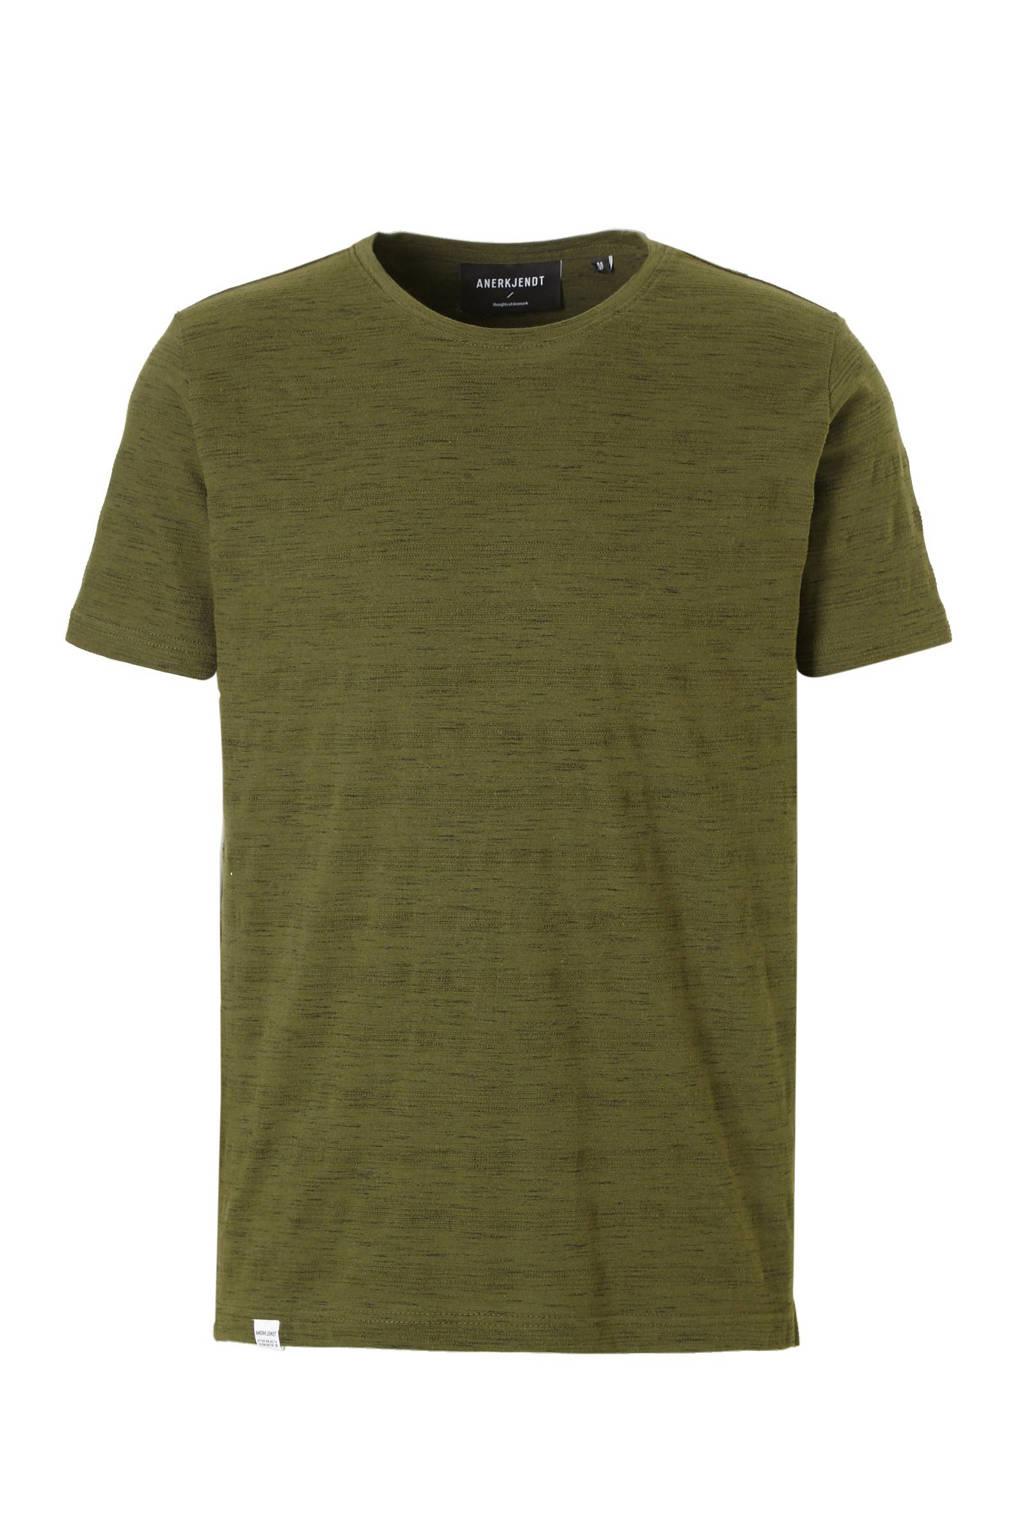 Anerkjendt T-shirt, Olijfgroen